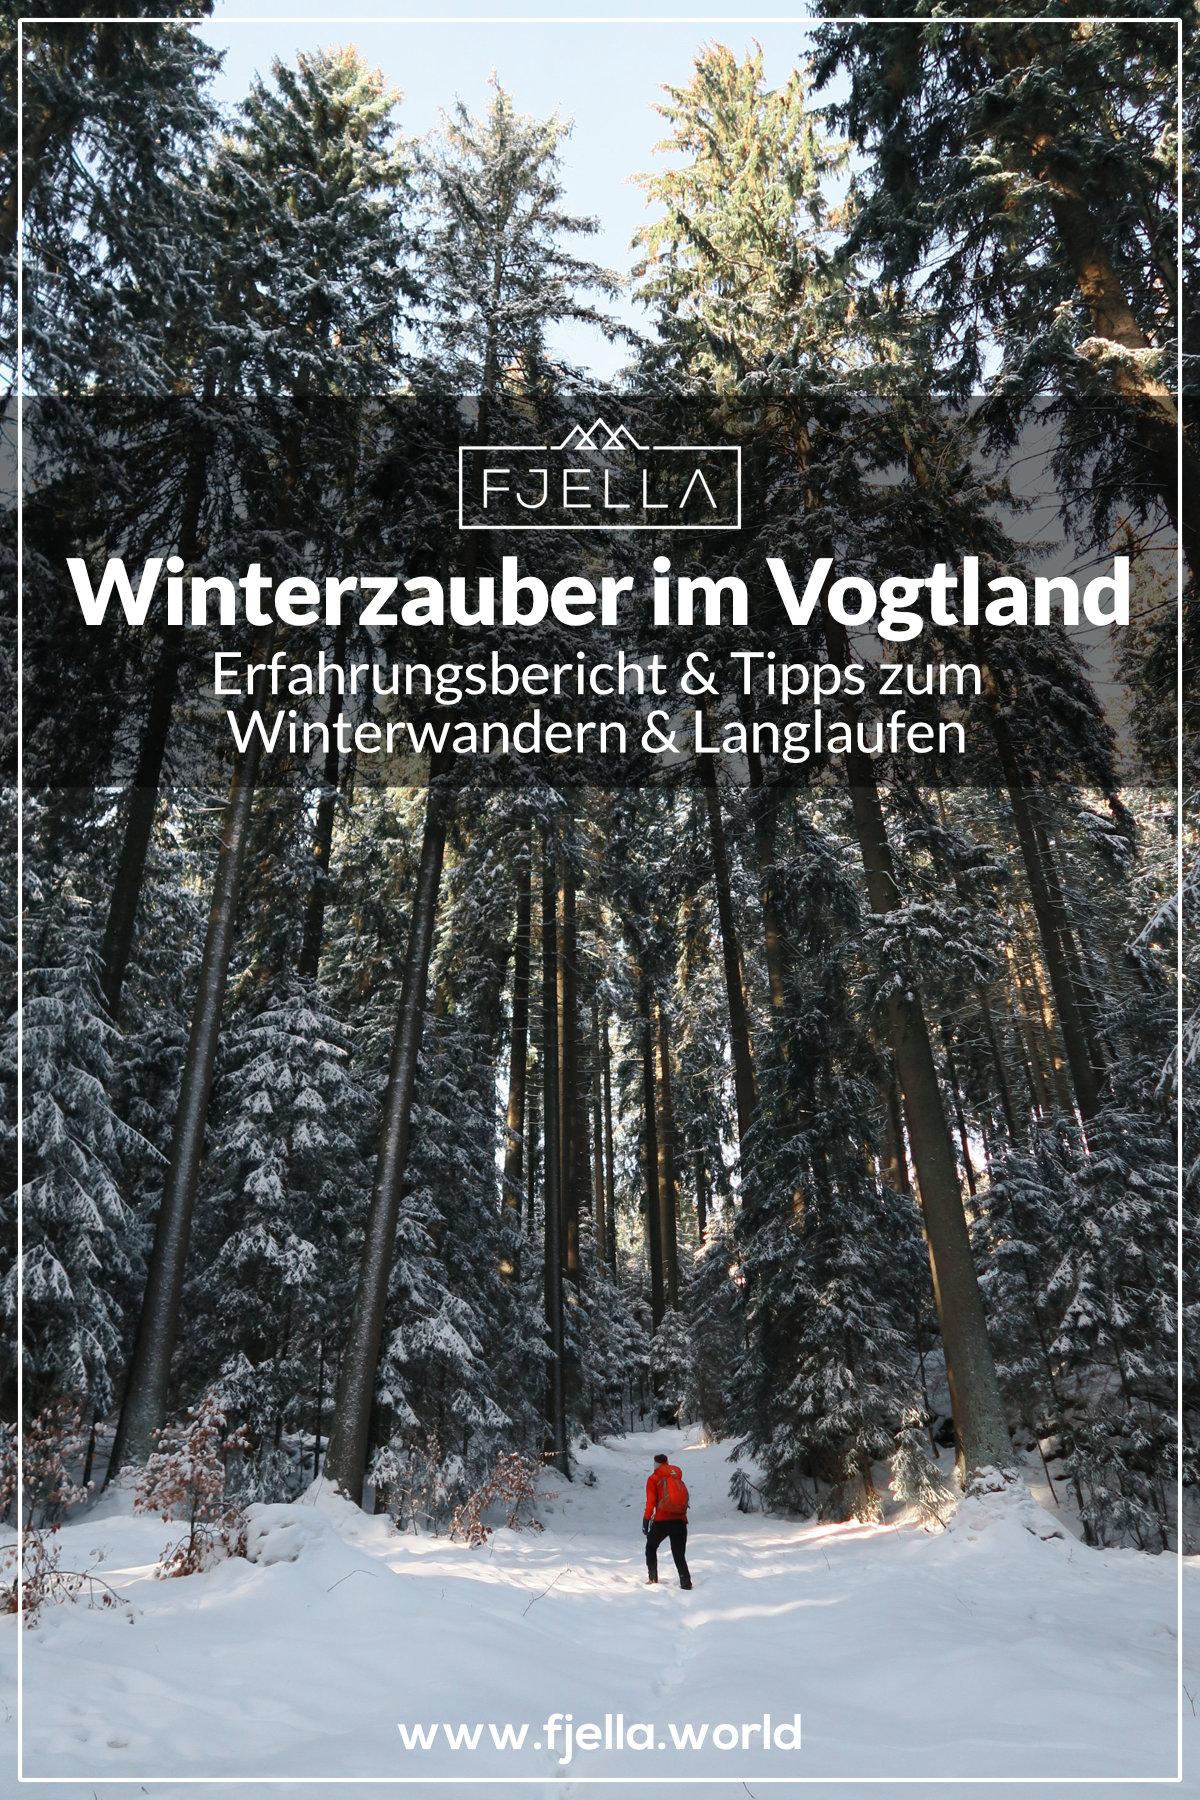 Winterzauber im Vogtland, Winterwandern und Langlaufen